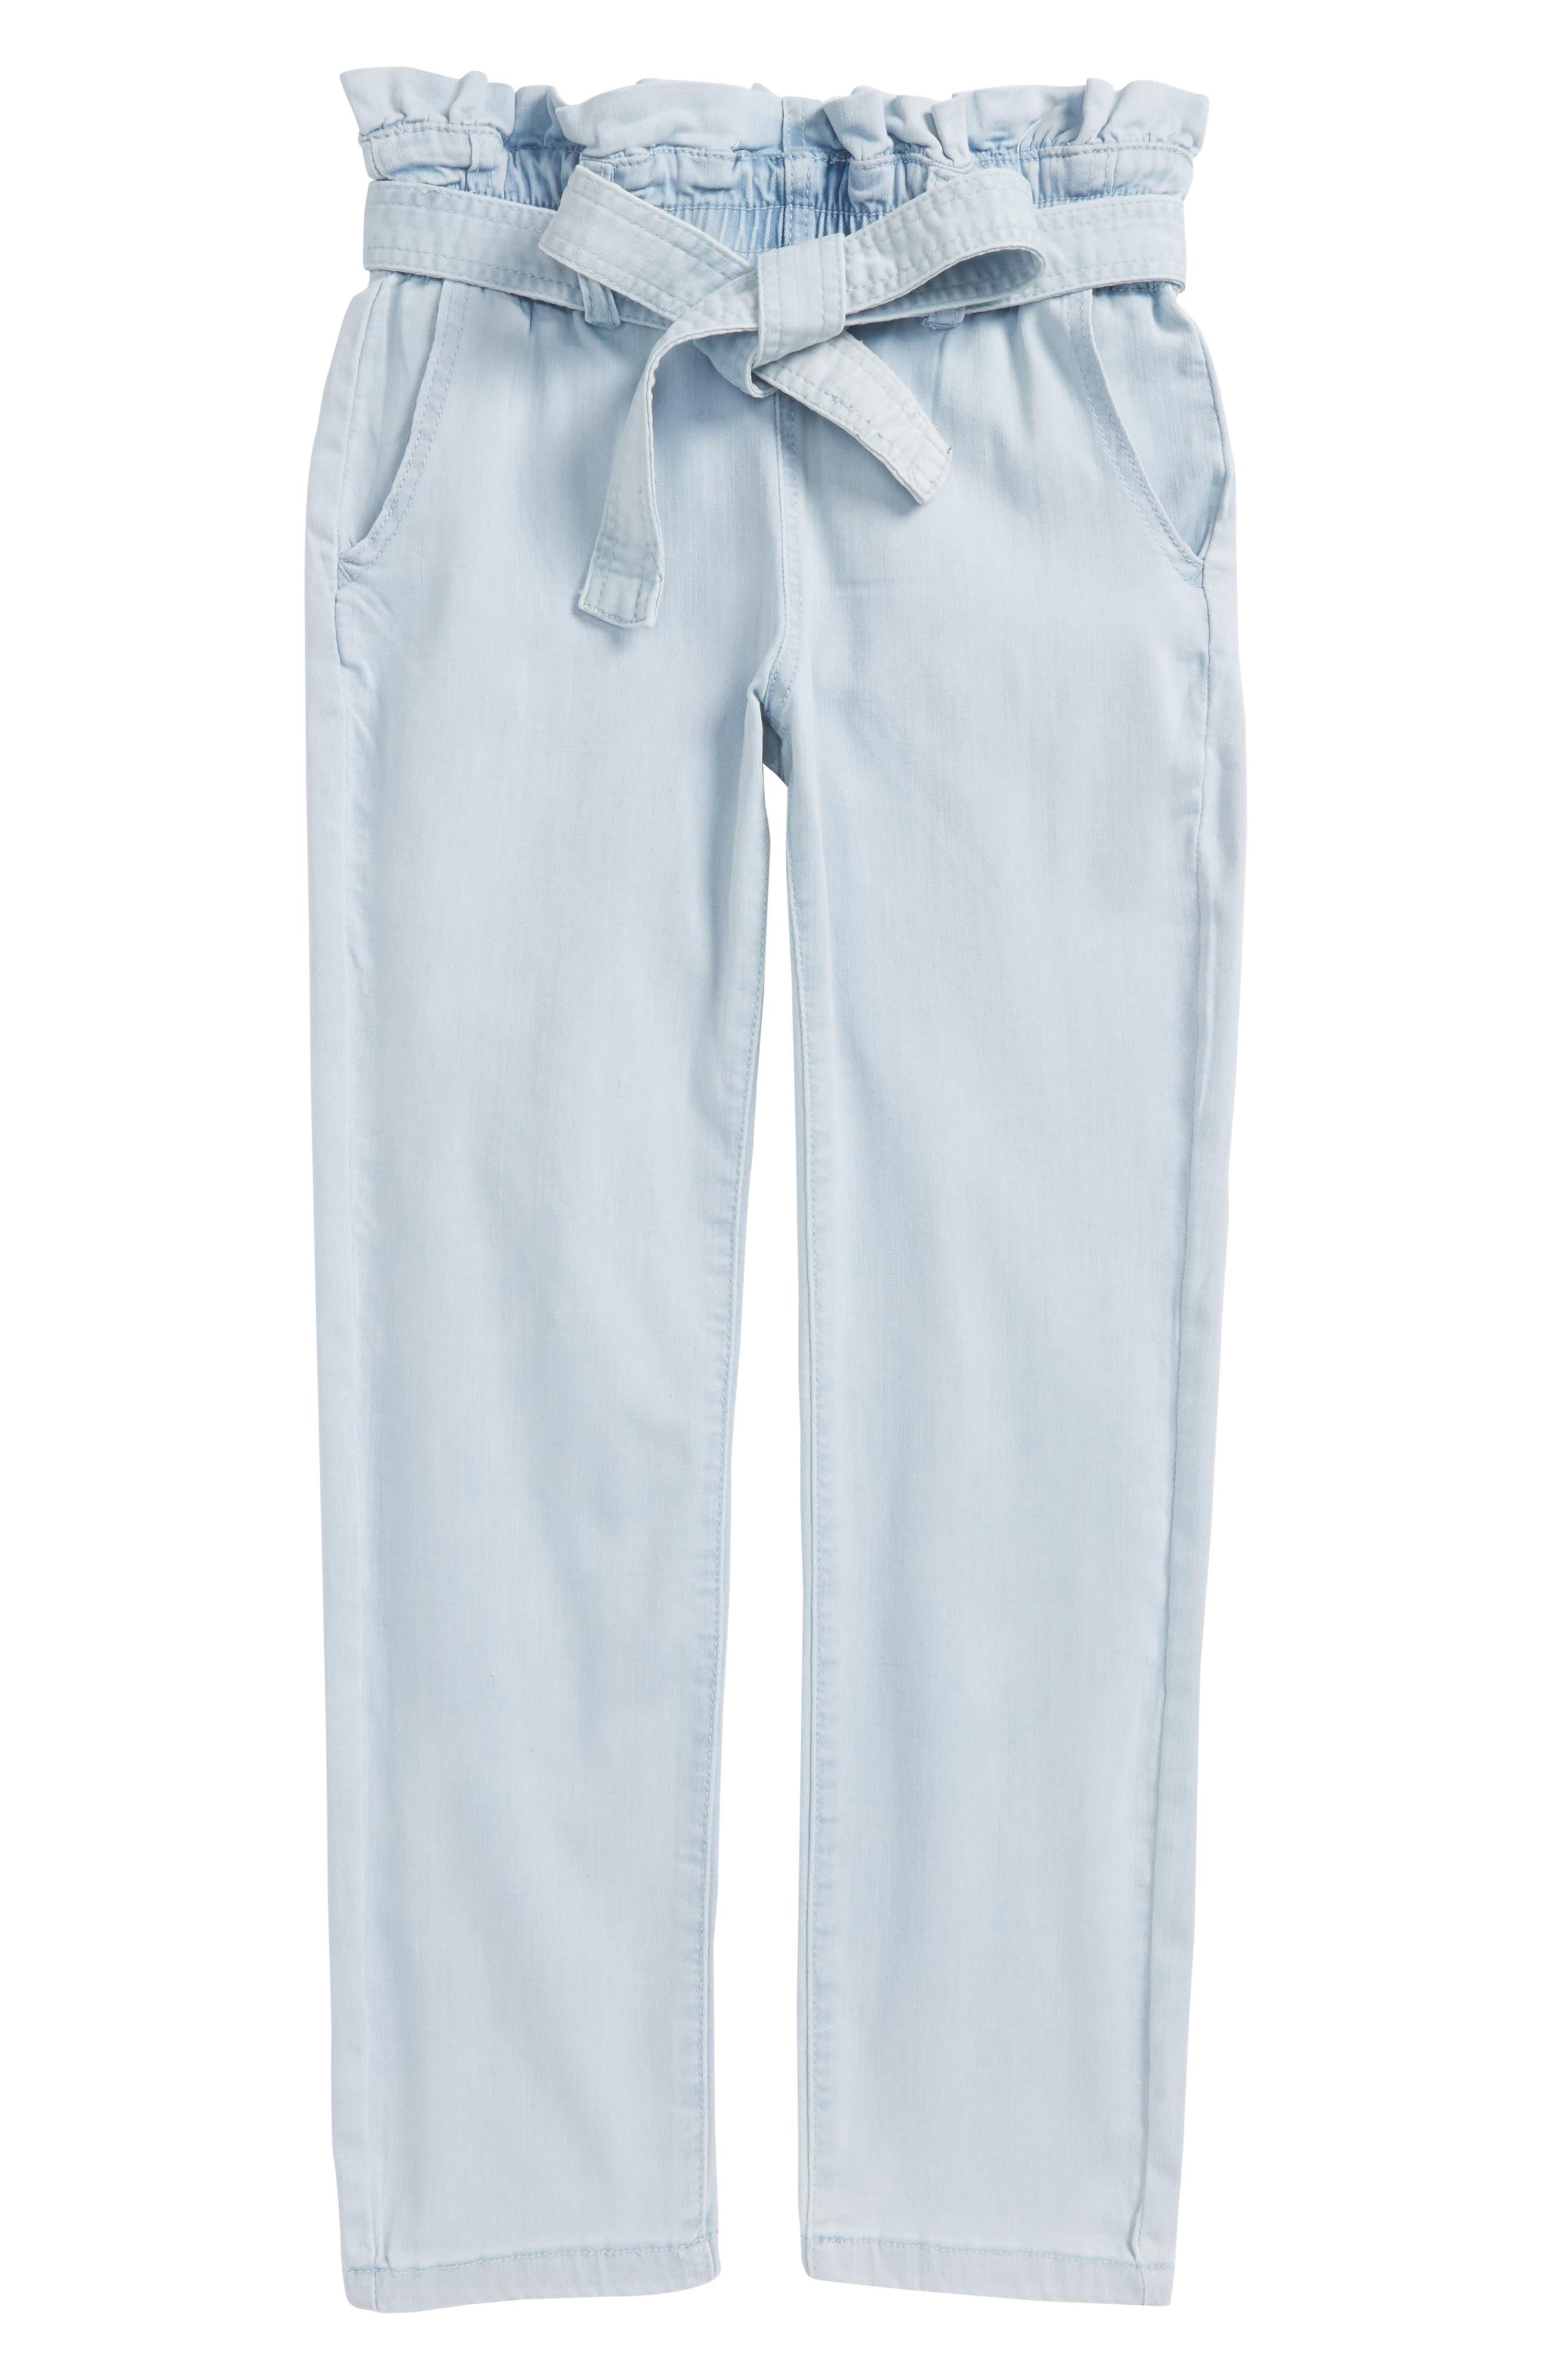 Paper Bag Crop Pants,                         Main,                         color, Sun Bleached